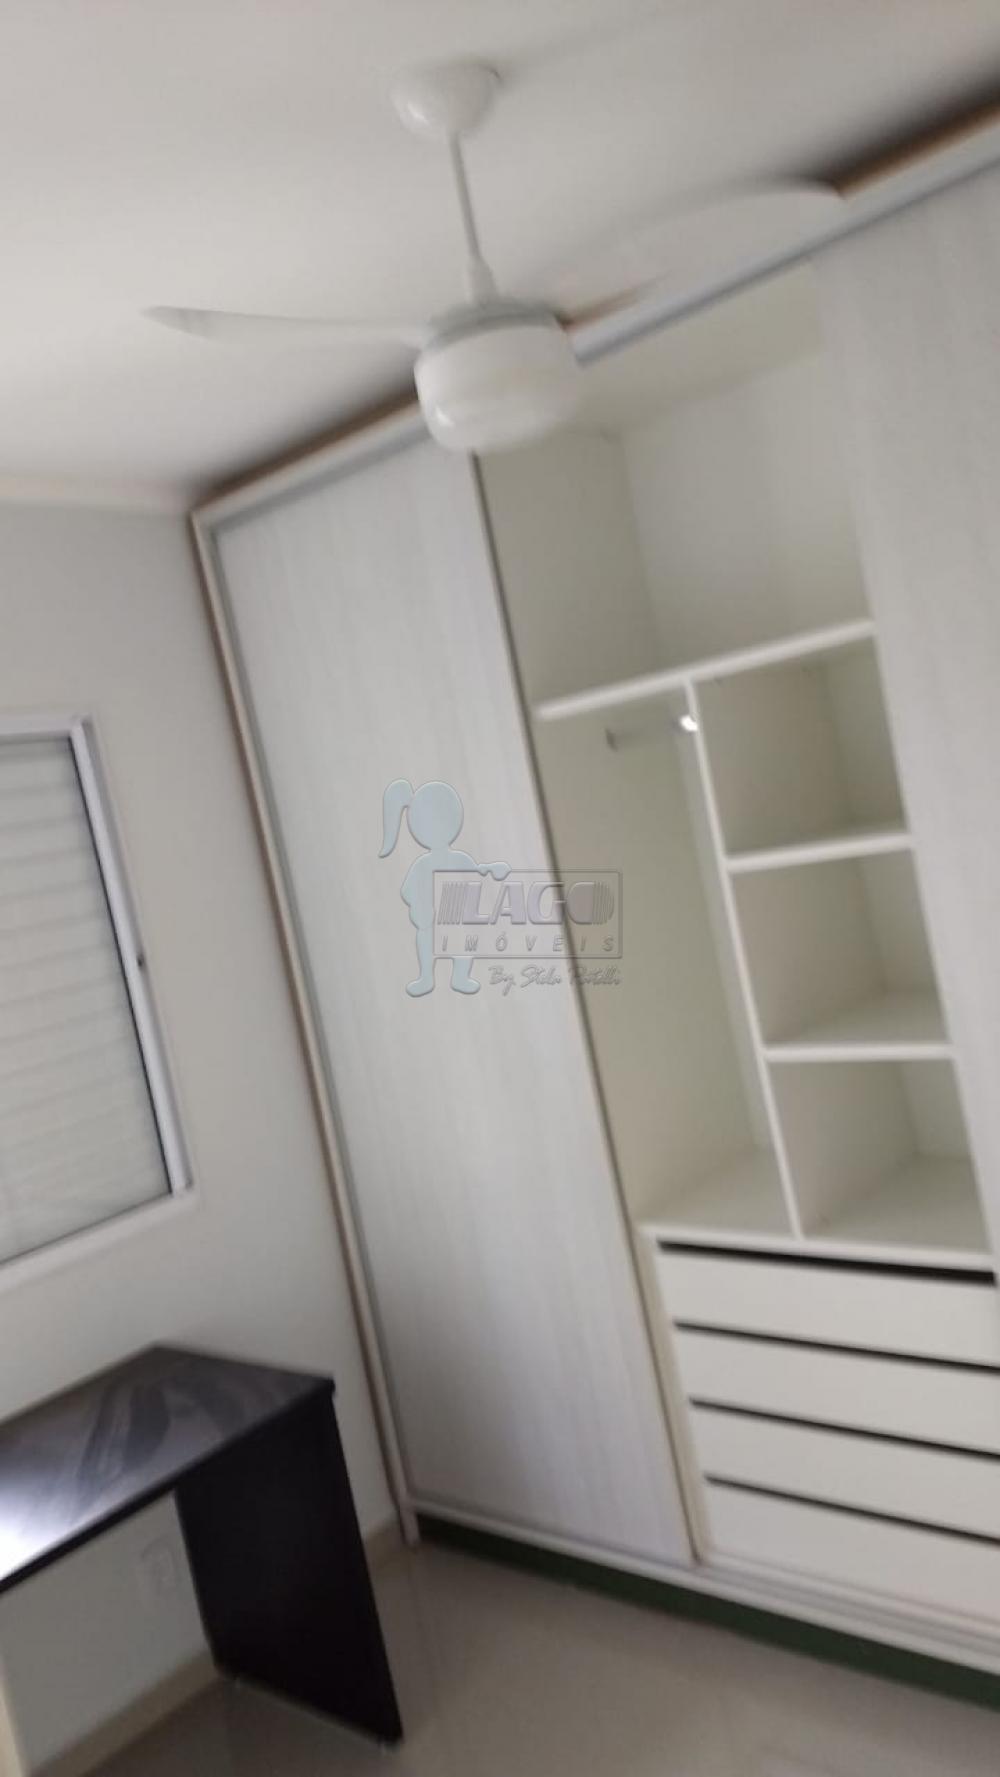 Comprar Apartamento / Padrão em Ribeirão Preto apenas R$ 140.000,00 - Foto 16